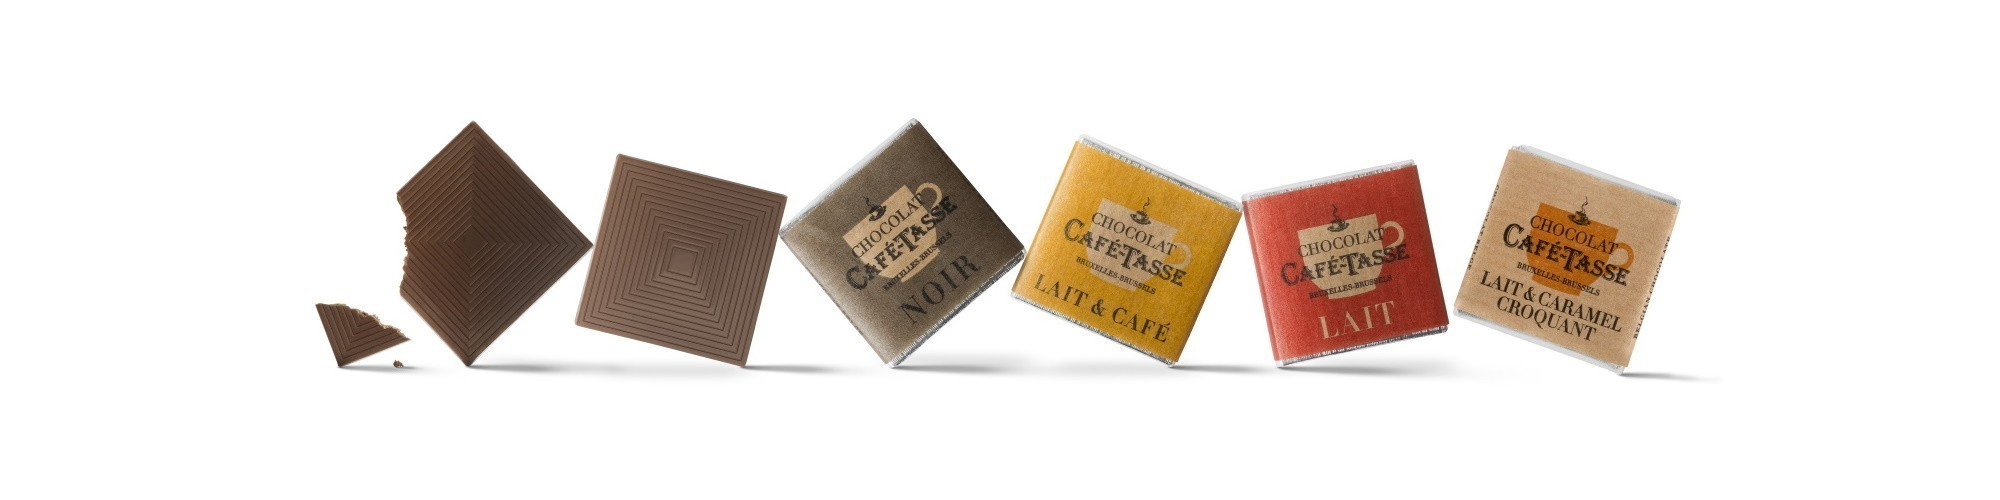 Café - Tasse collection